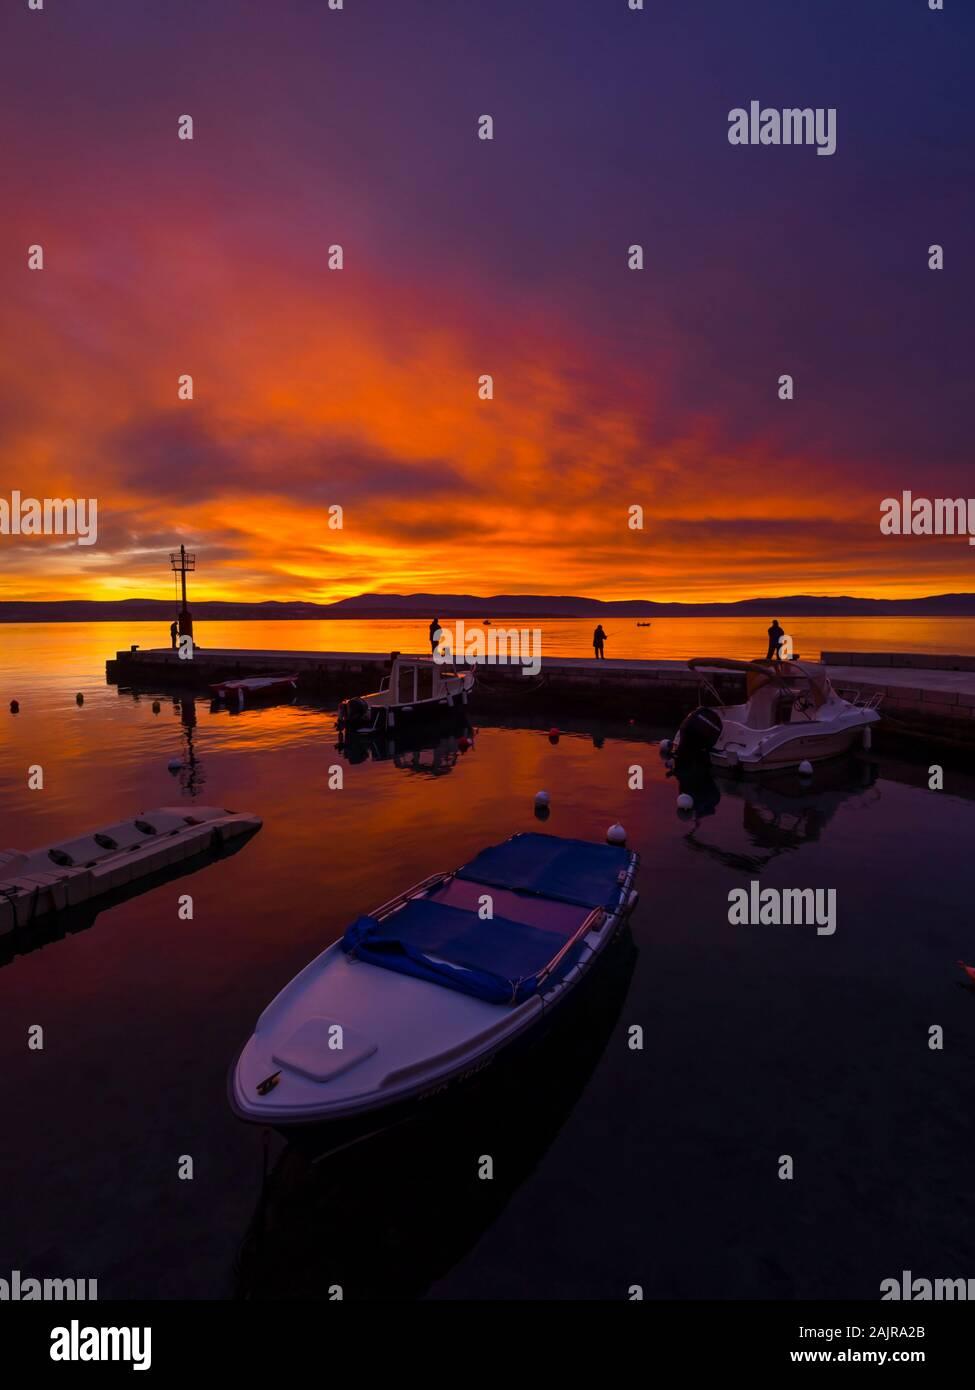 Fischer vor Sonnenuntergang Landschaft im kleinen Hafen in Dubrovnik in Kroatien glorreichen Himmel ruhige atmosphärische seawall Ribarsko selo Haludovo Kvarner Stockfoto